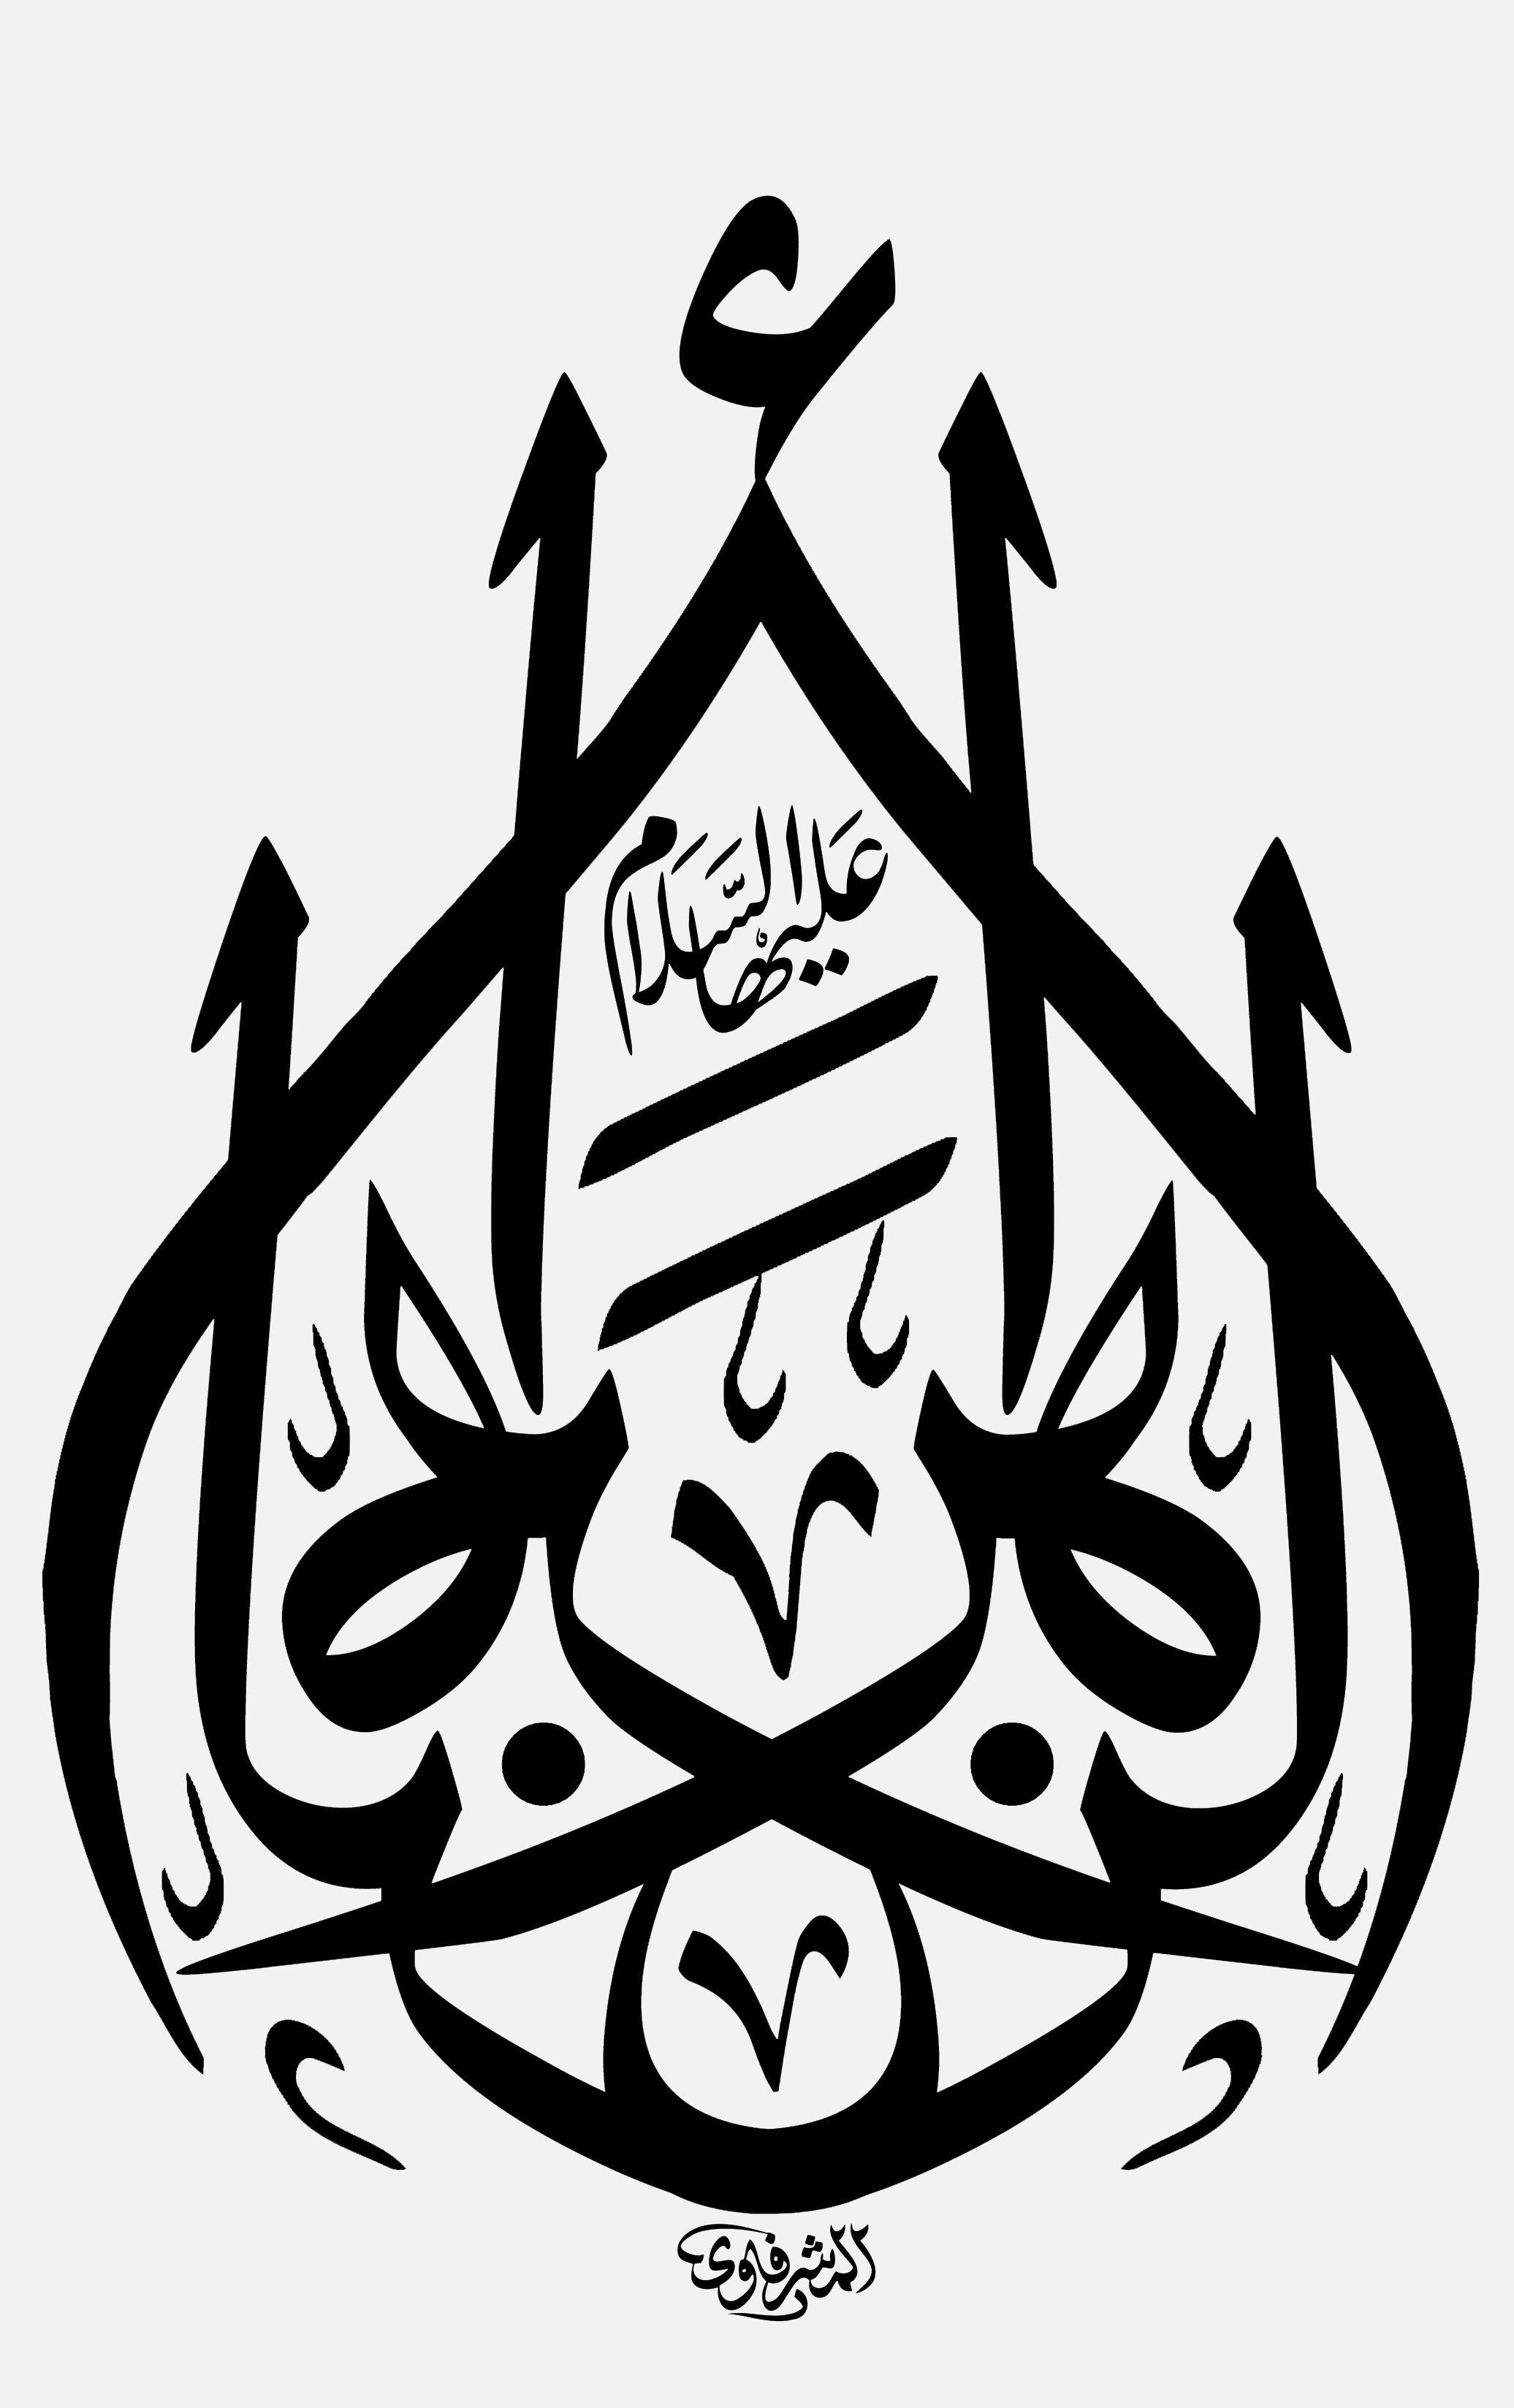 السيدة فاطمة الزهراء عليها السلام الخطاط محمد الحسني المشرفاوي Islamic Calligraphy Islamic Art Calligraphy Art